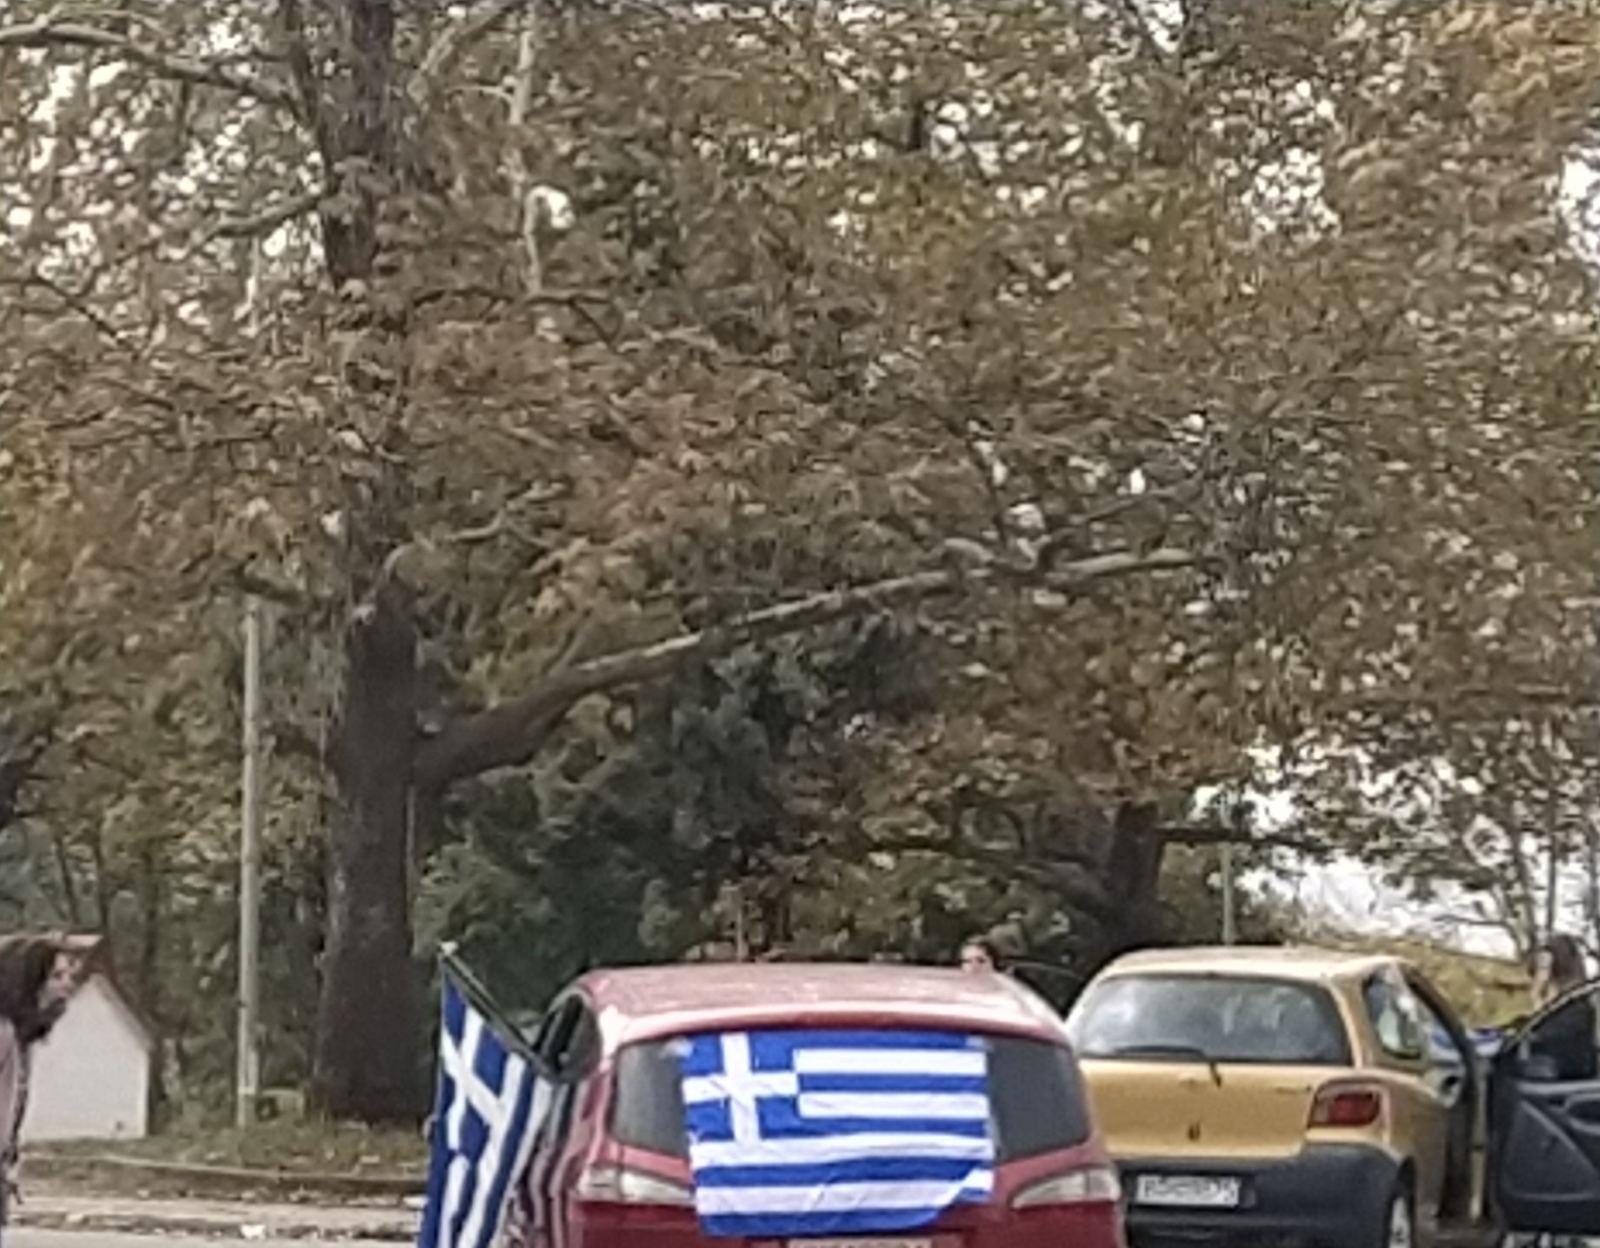 Από την ματαίωση της μηχανοκίνητης πορείας, εκδήλωσης τιμής της Εθνικής Γιορτής της 28ης Οκτωβρίου, προς τους πεσόντες και αγωνιστές του έπους του «40», στη συγκινητική παρουσία των ολίγων Ελλήνων, με αυτοκίνητα στολισμένα με τις σημαίες και τις «κατακερματισμένες» πορείες τους στους δρόμους της πόλης!